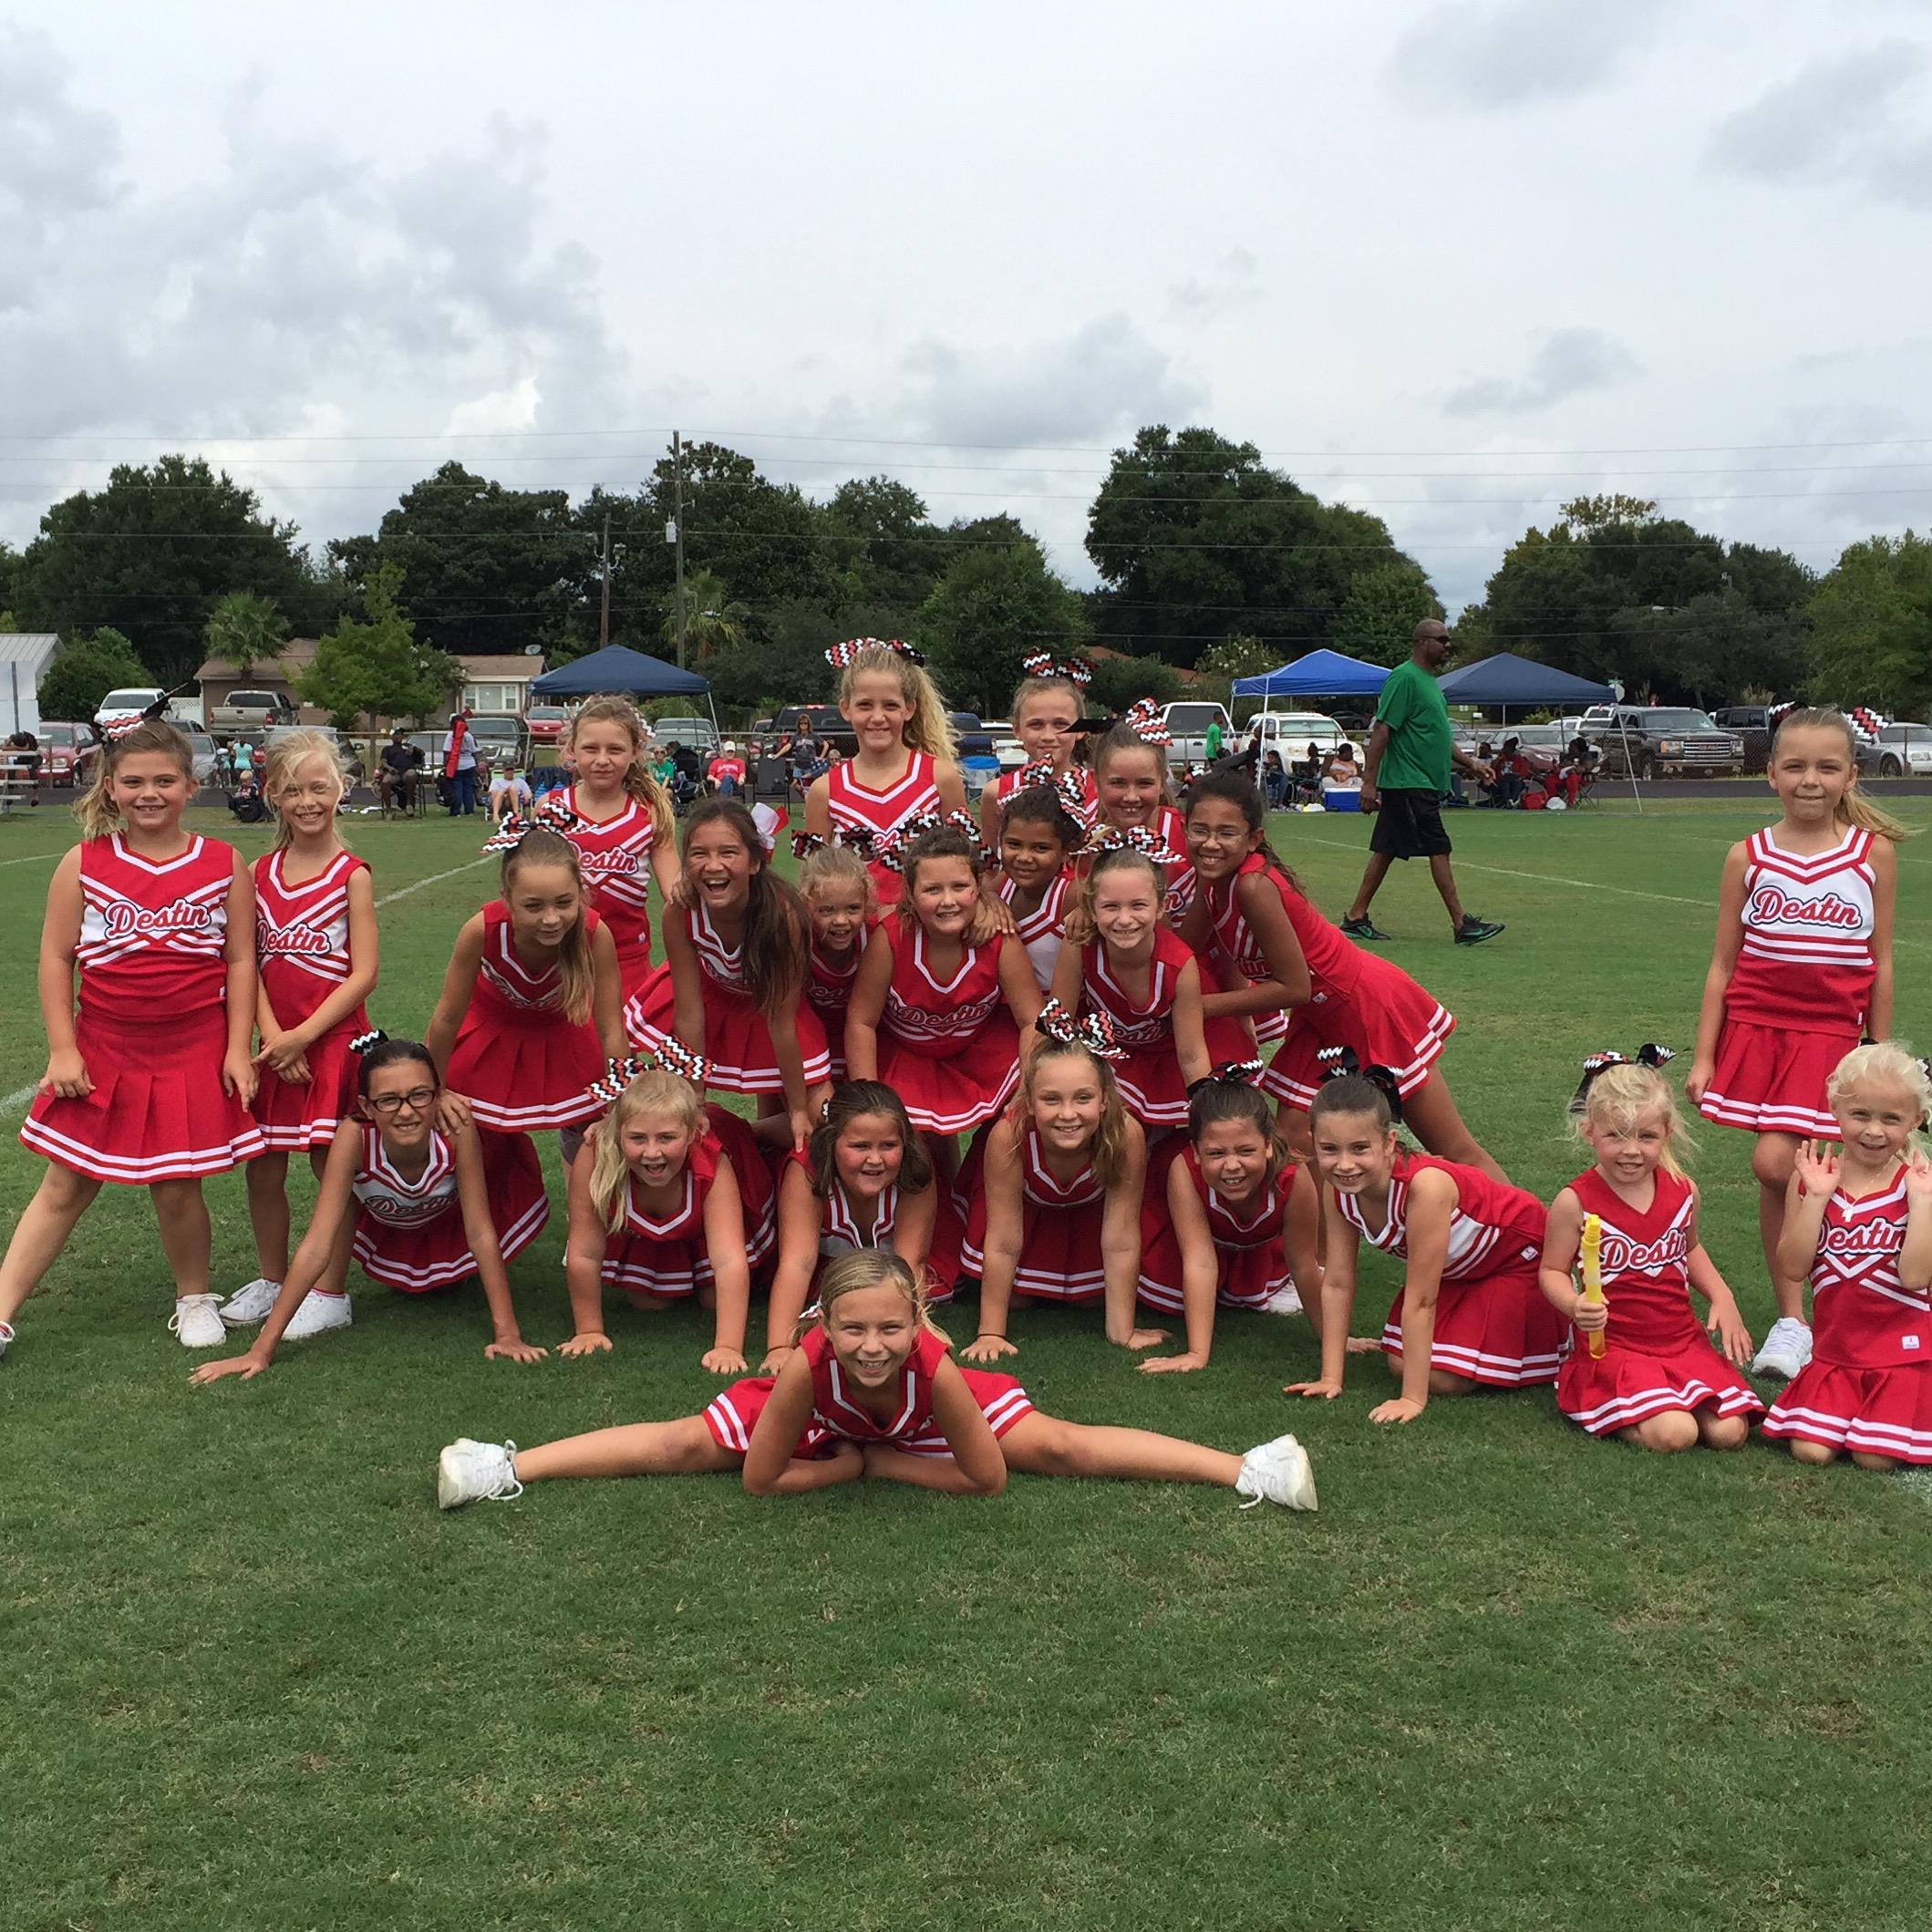 The 2015 Destin Cheer Junior Squad